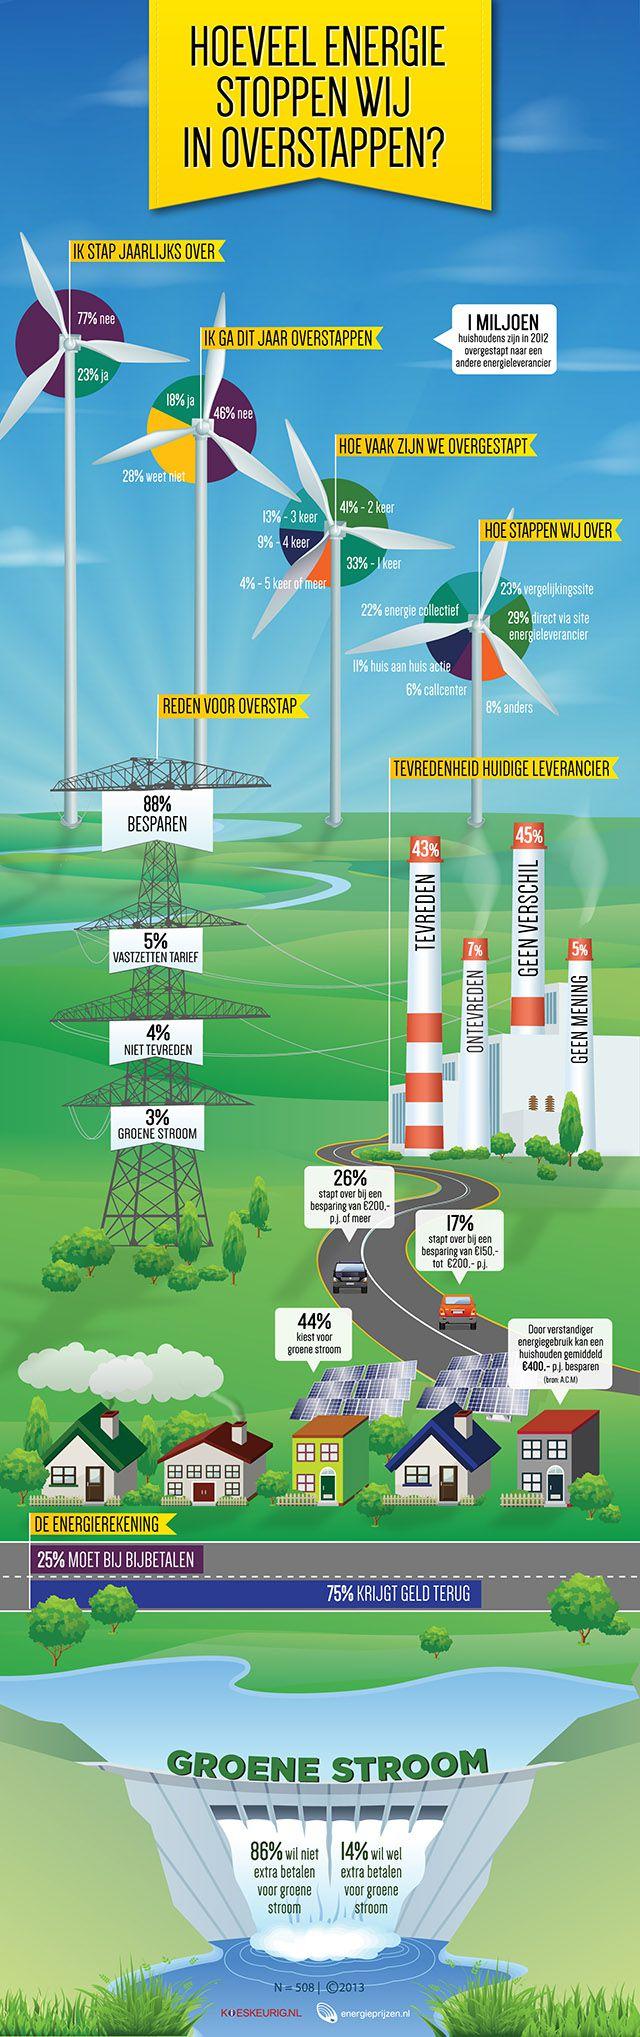 Overstappen infographic Kieskeurig